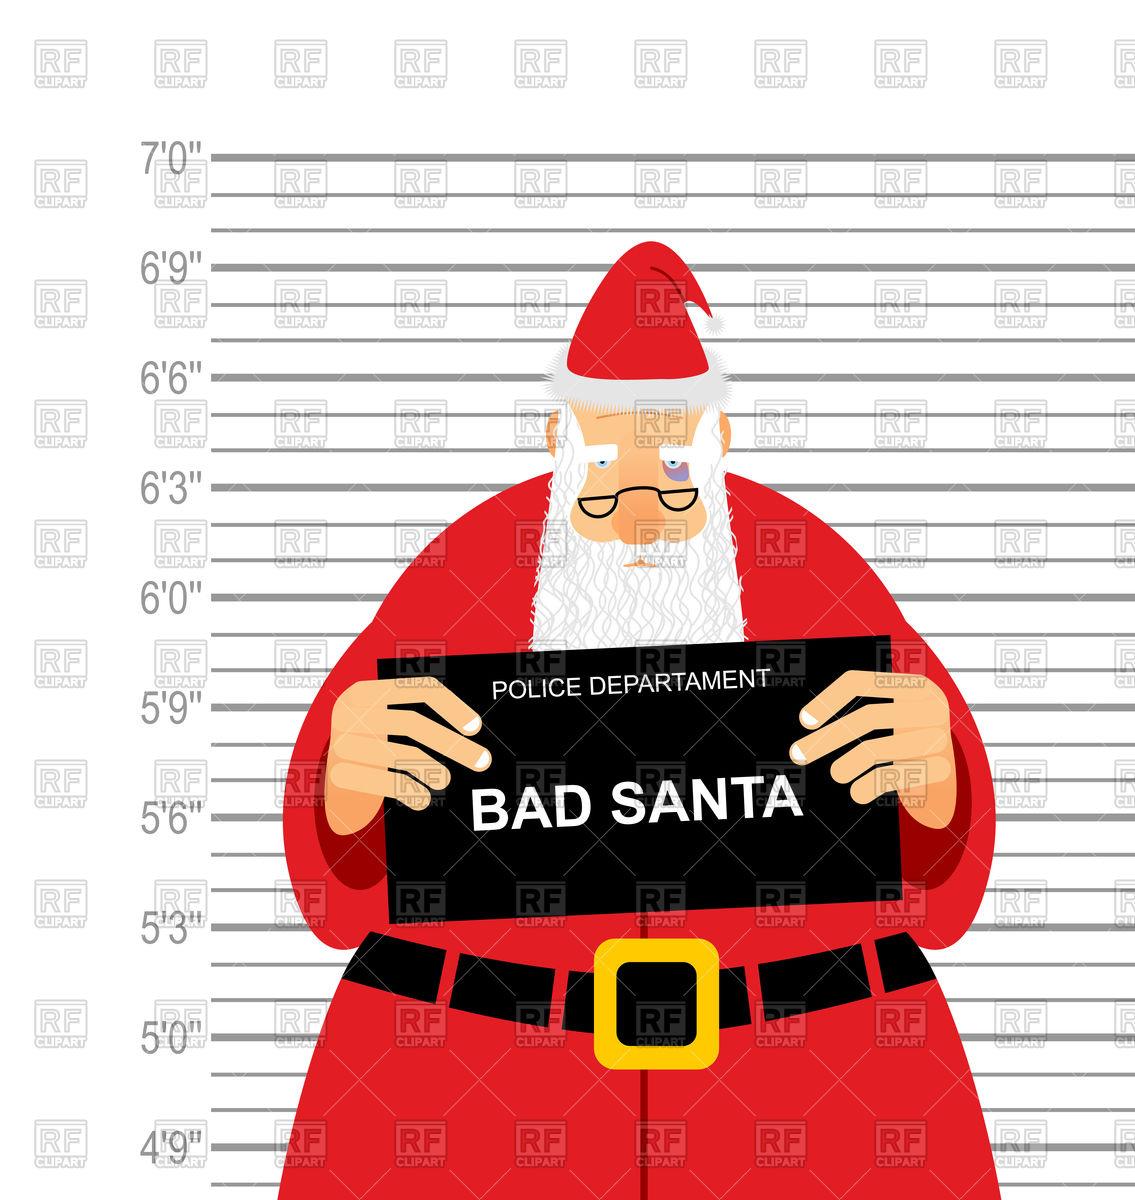 Bad santa clous mugshot Stock Vector Image.